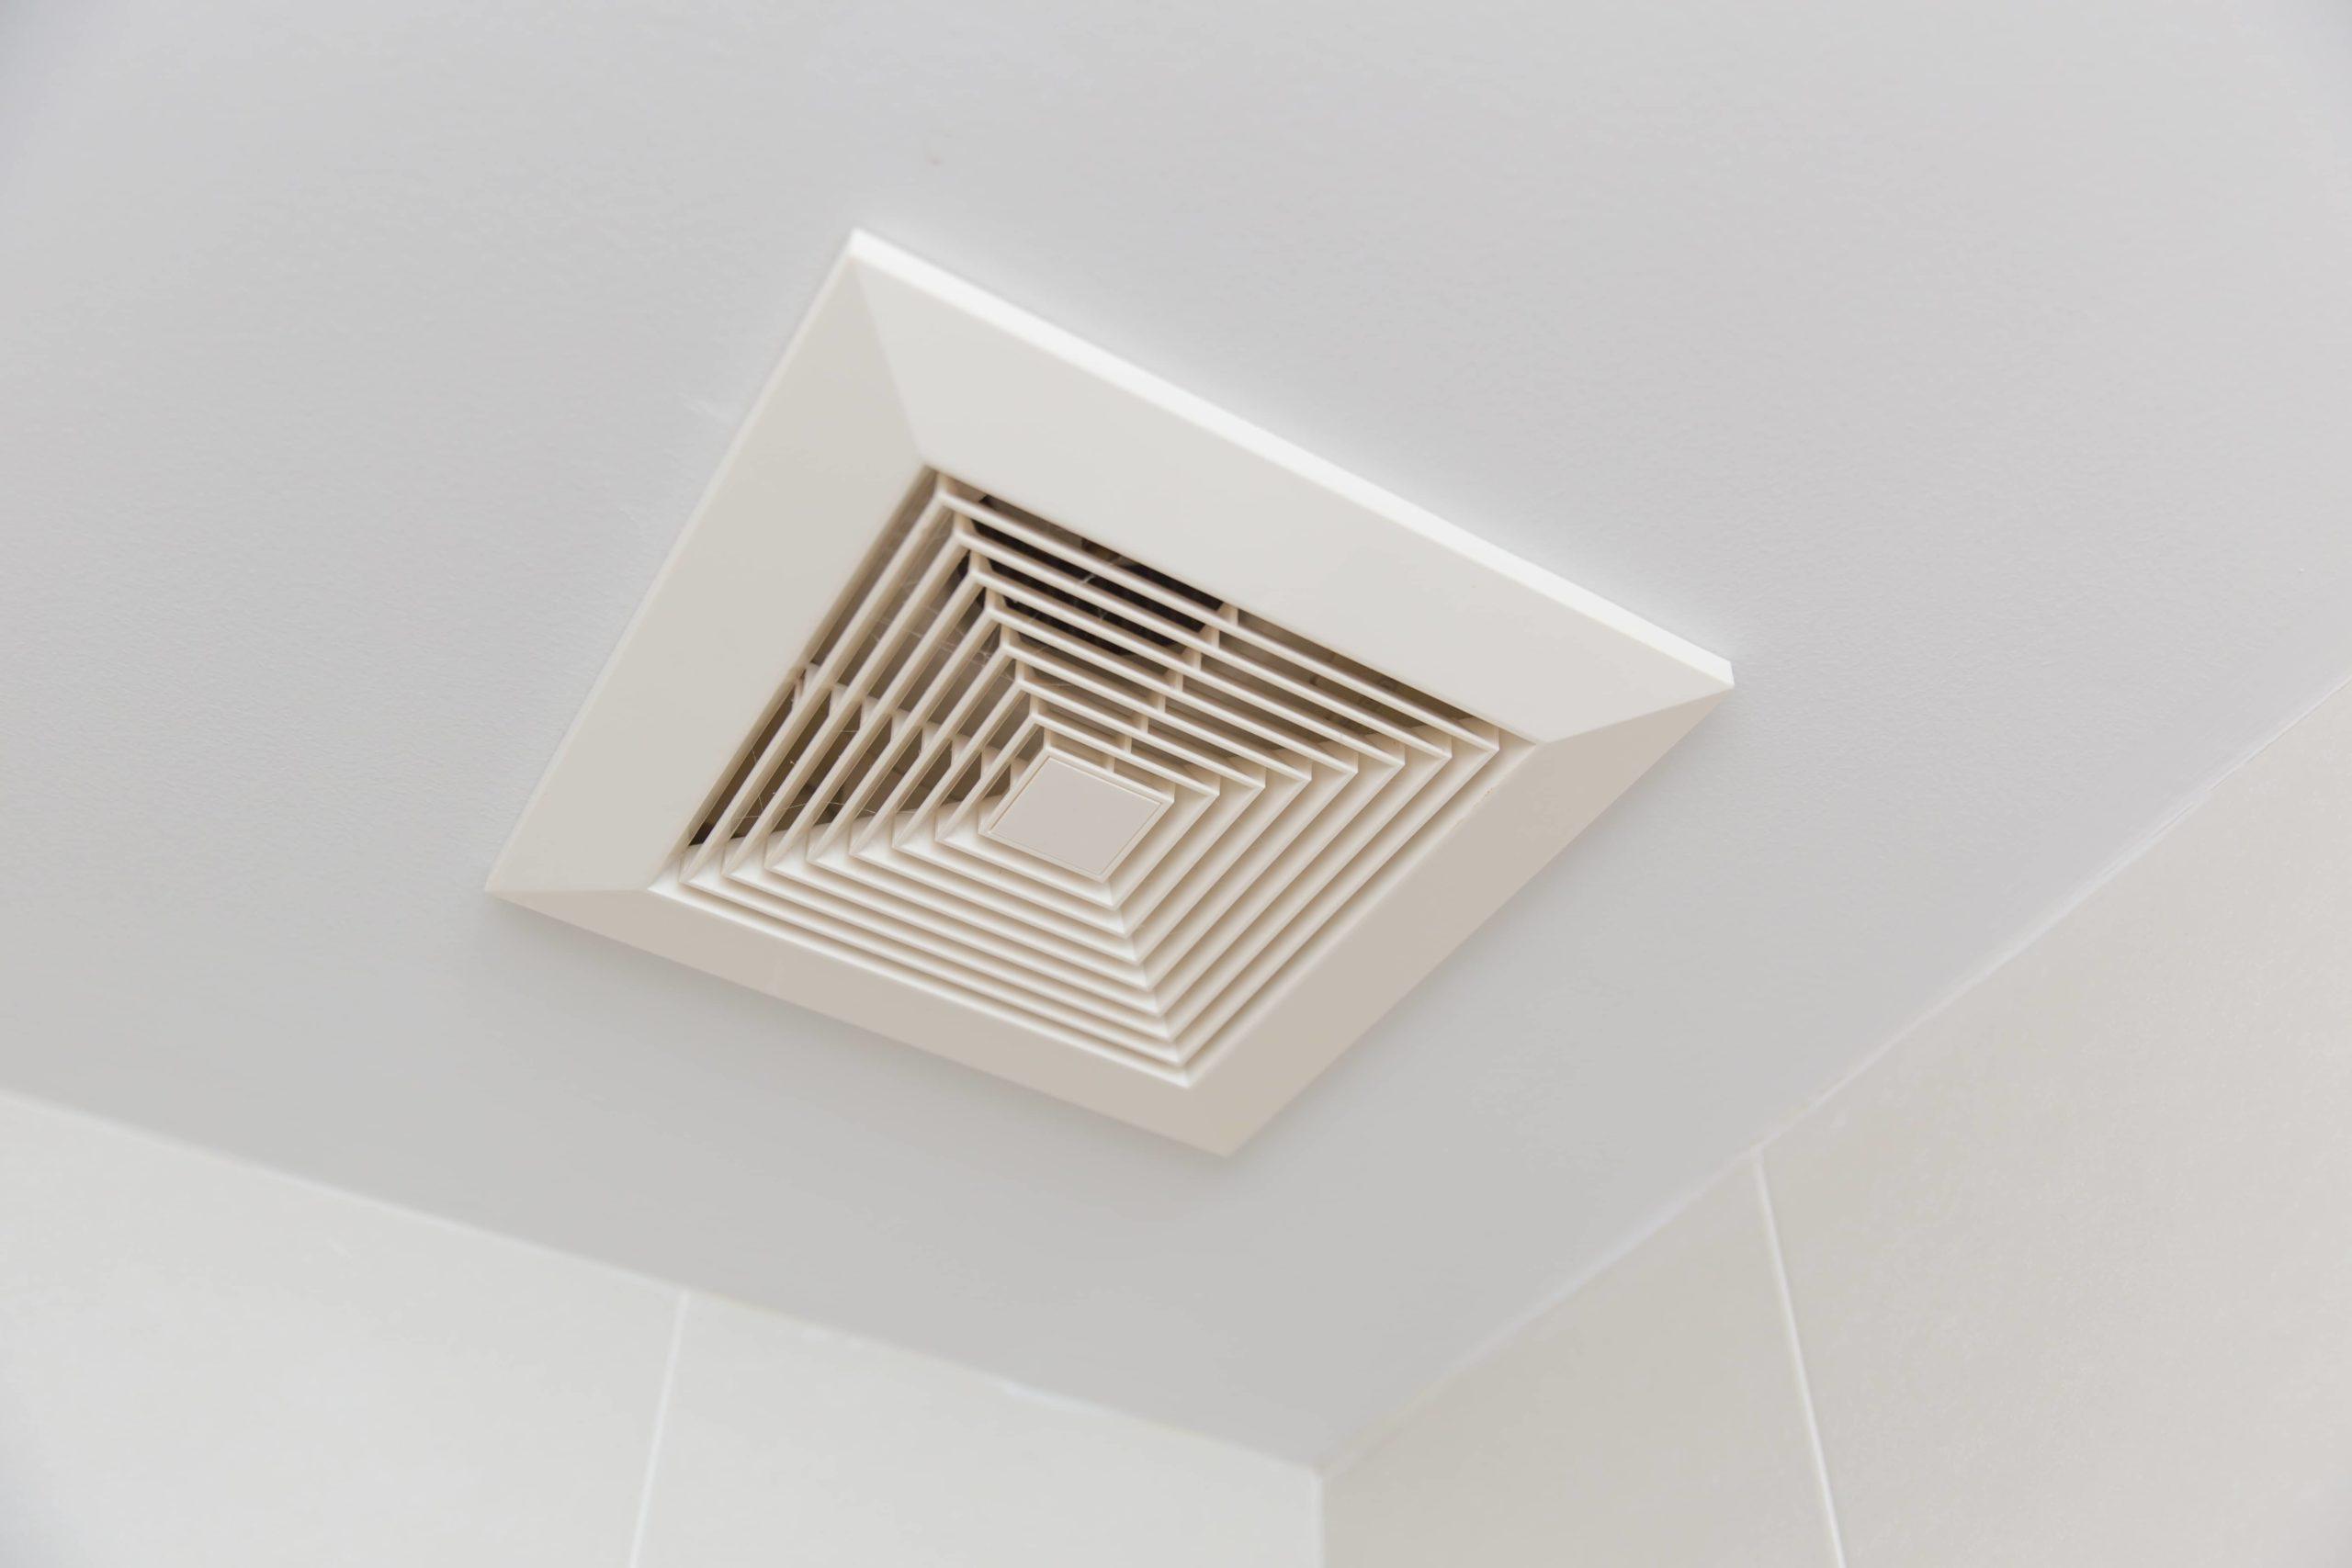 Venting a Bathroom Fan Into An Attic